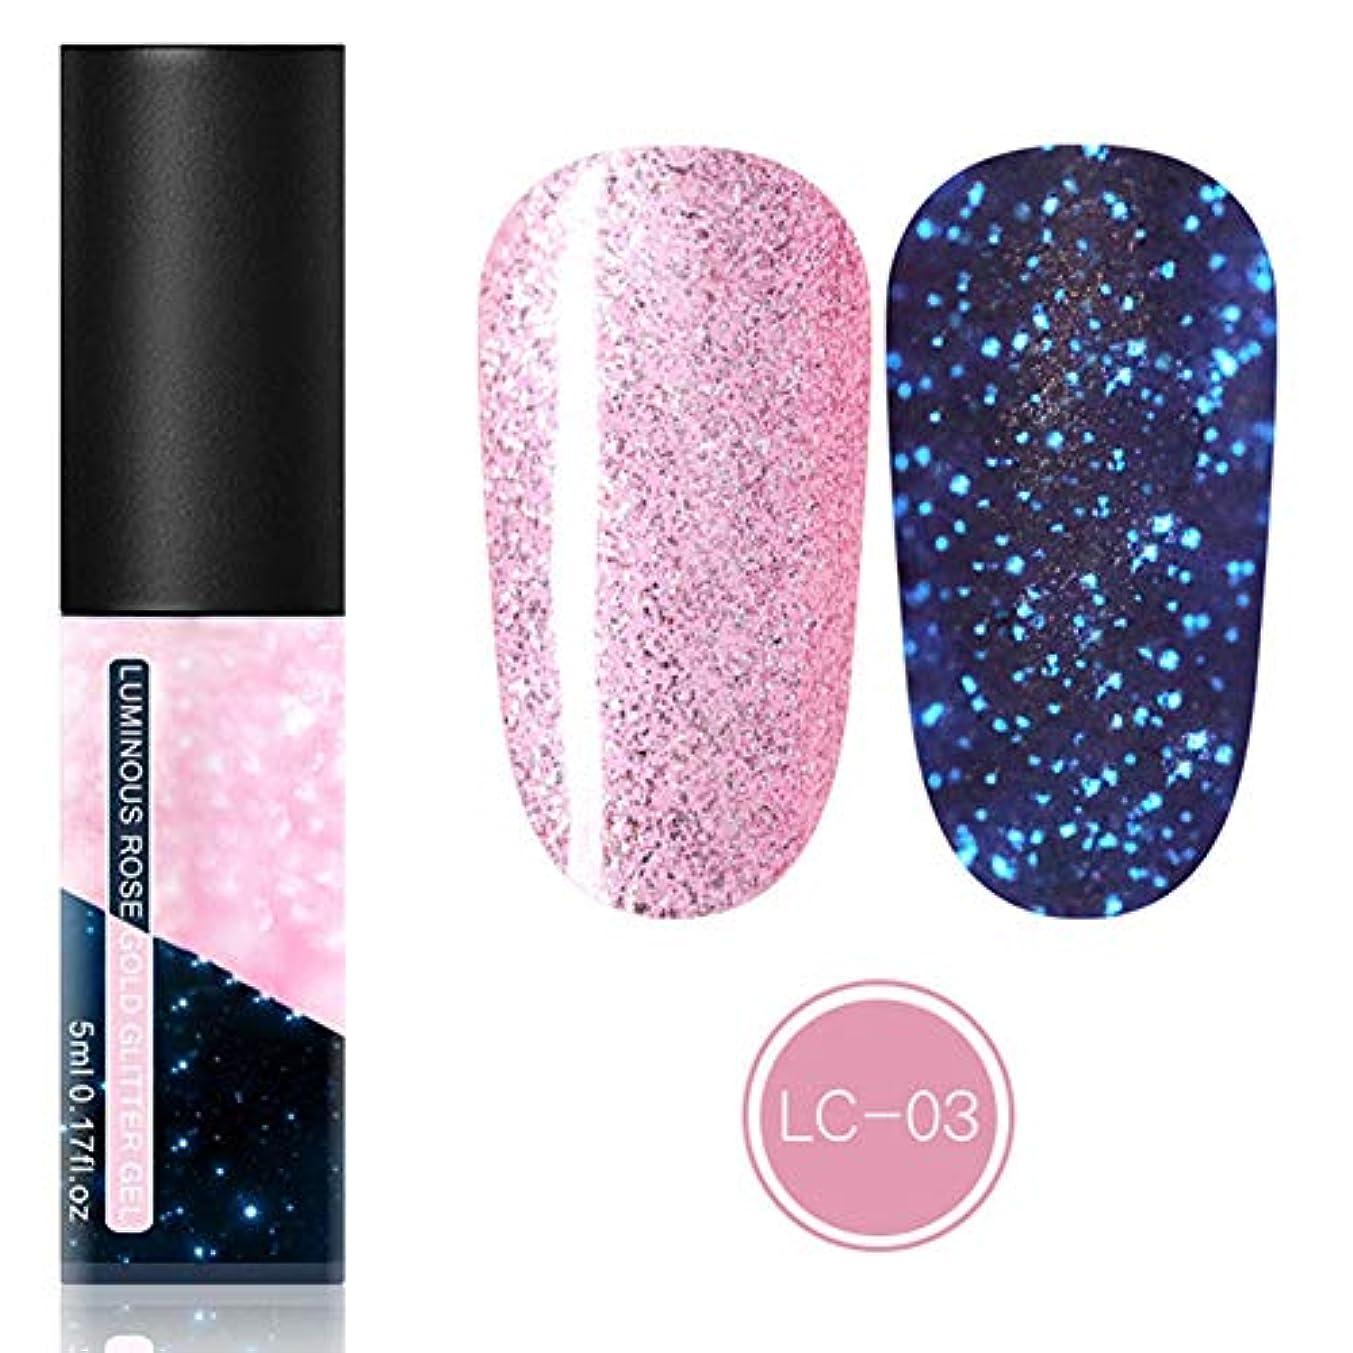 セーブ蒸留するマダムfeelingood Gel Nail Polish,Fluorescent Gel Nail Polish Glow in Dark Nail Enamel Varnish Gel Manicure Supply